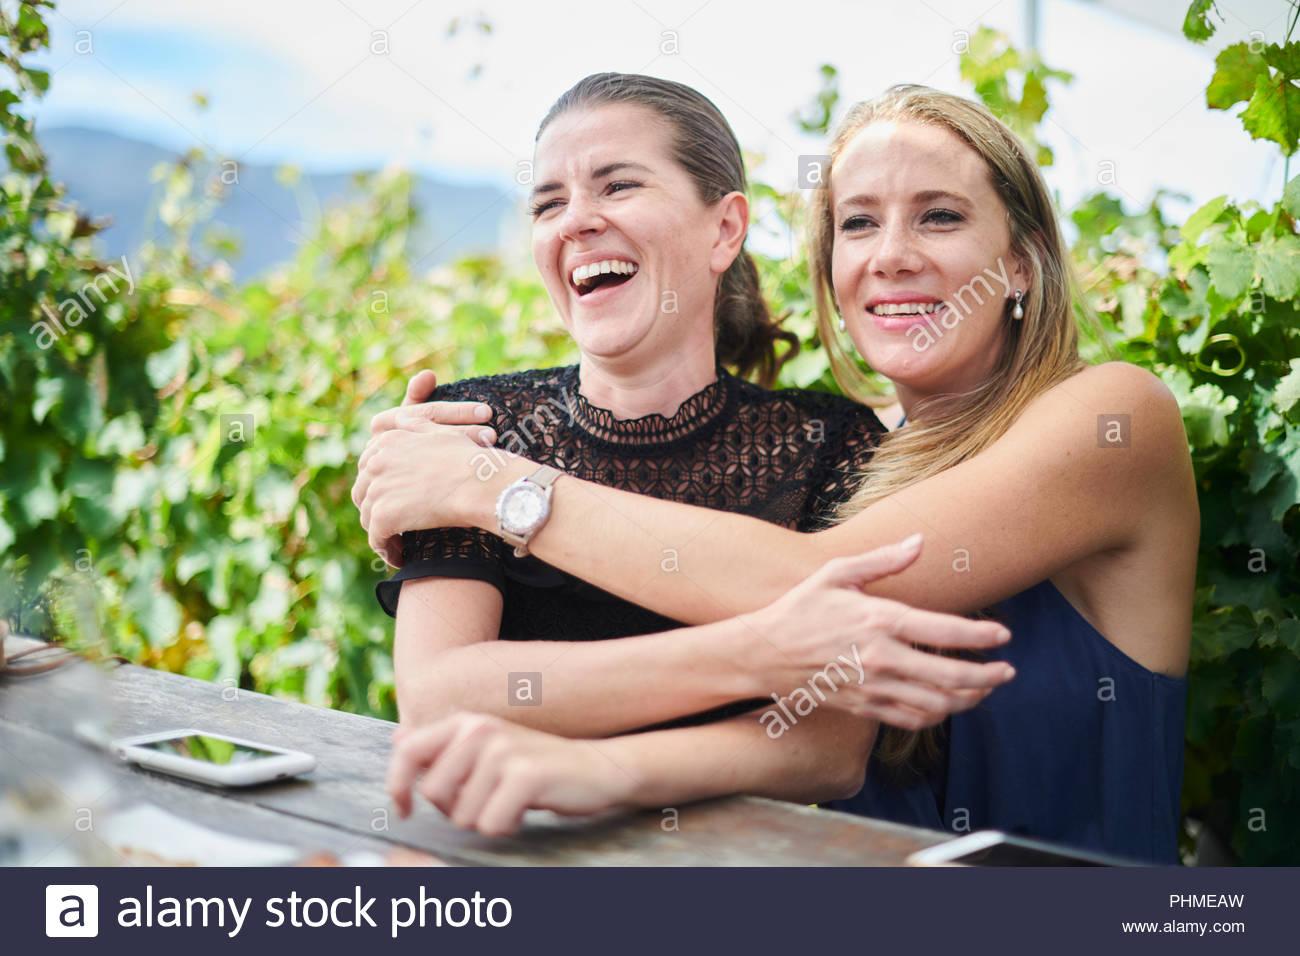 Lächelnd Freunde umarmen beim Mittagessen Stockbild